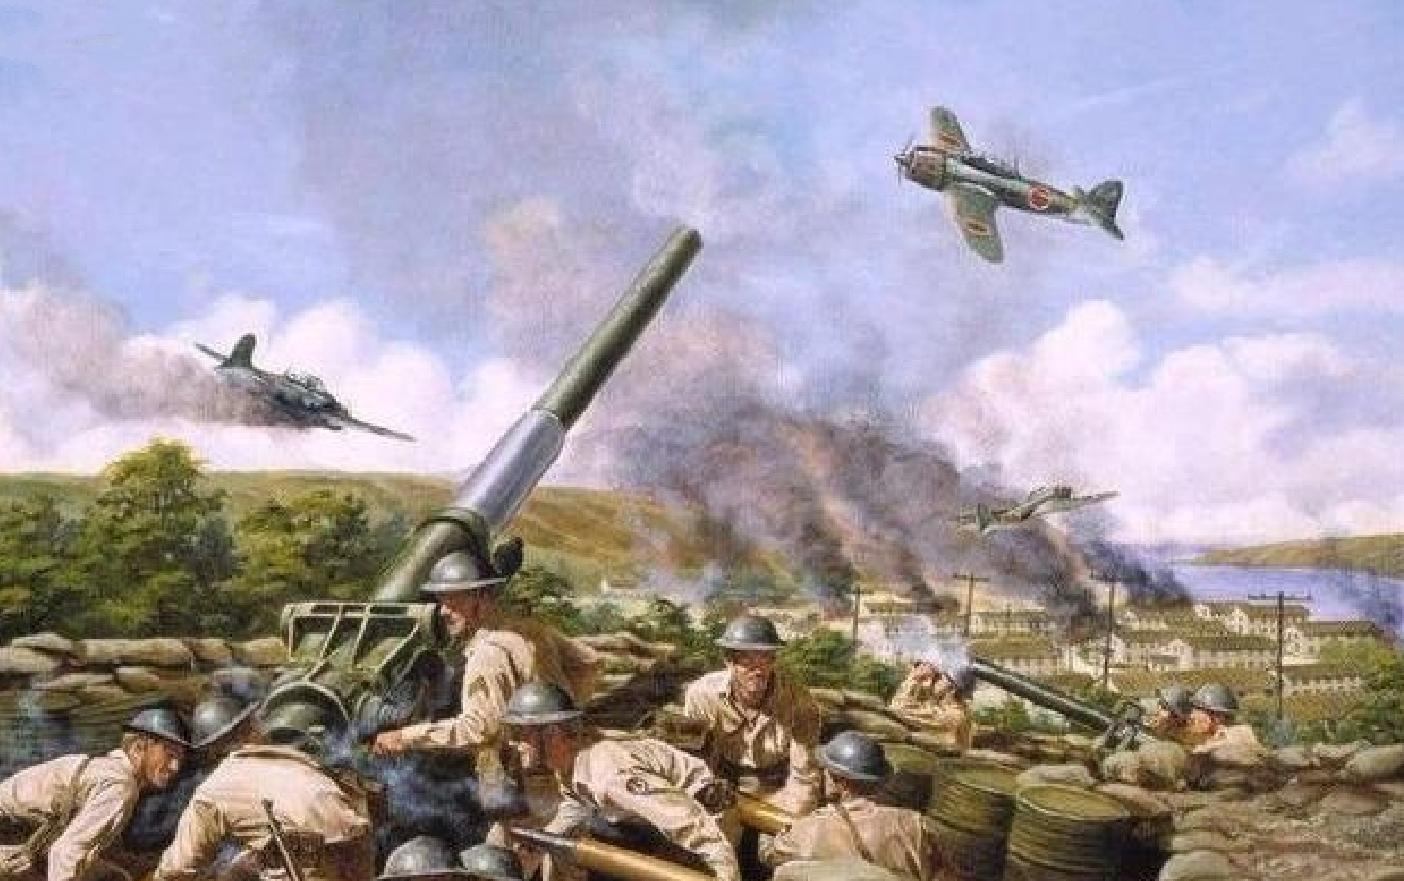 高射炮又不长眼睛,为何能击落高空敌机?